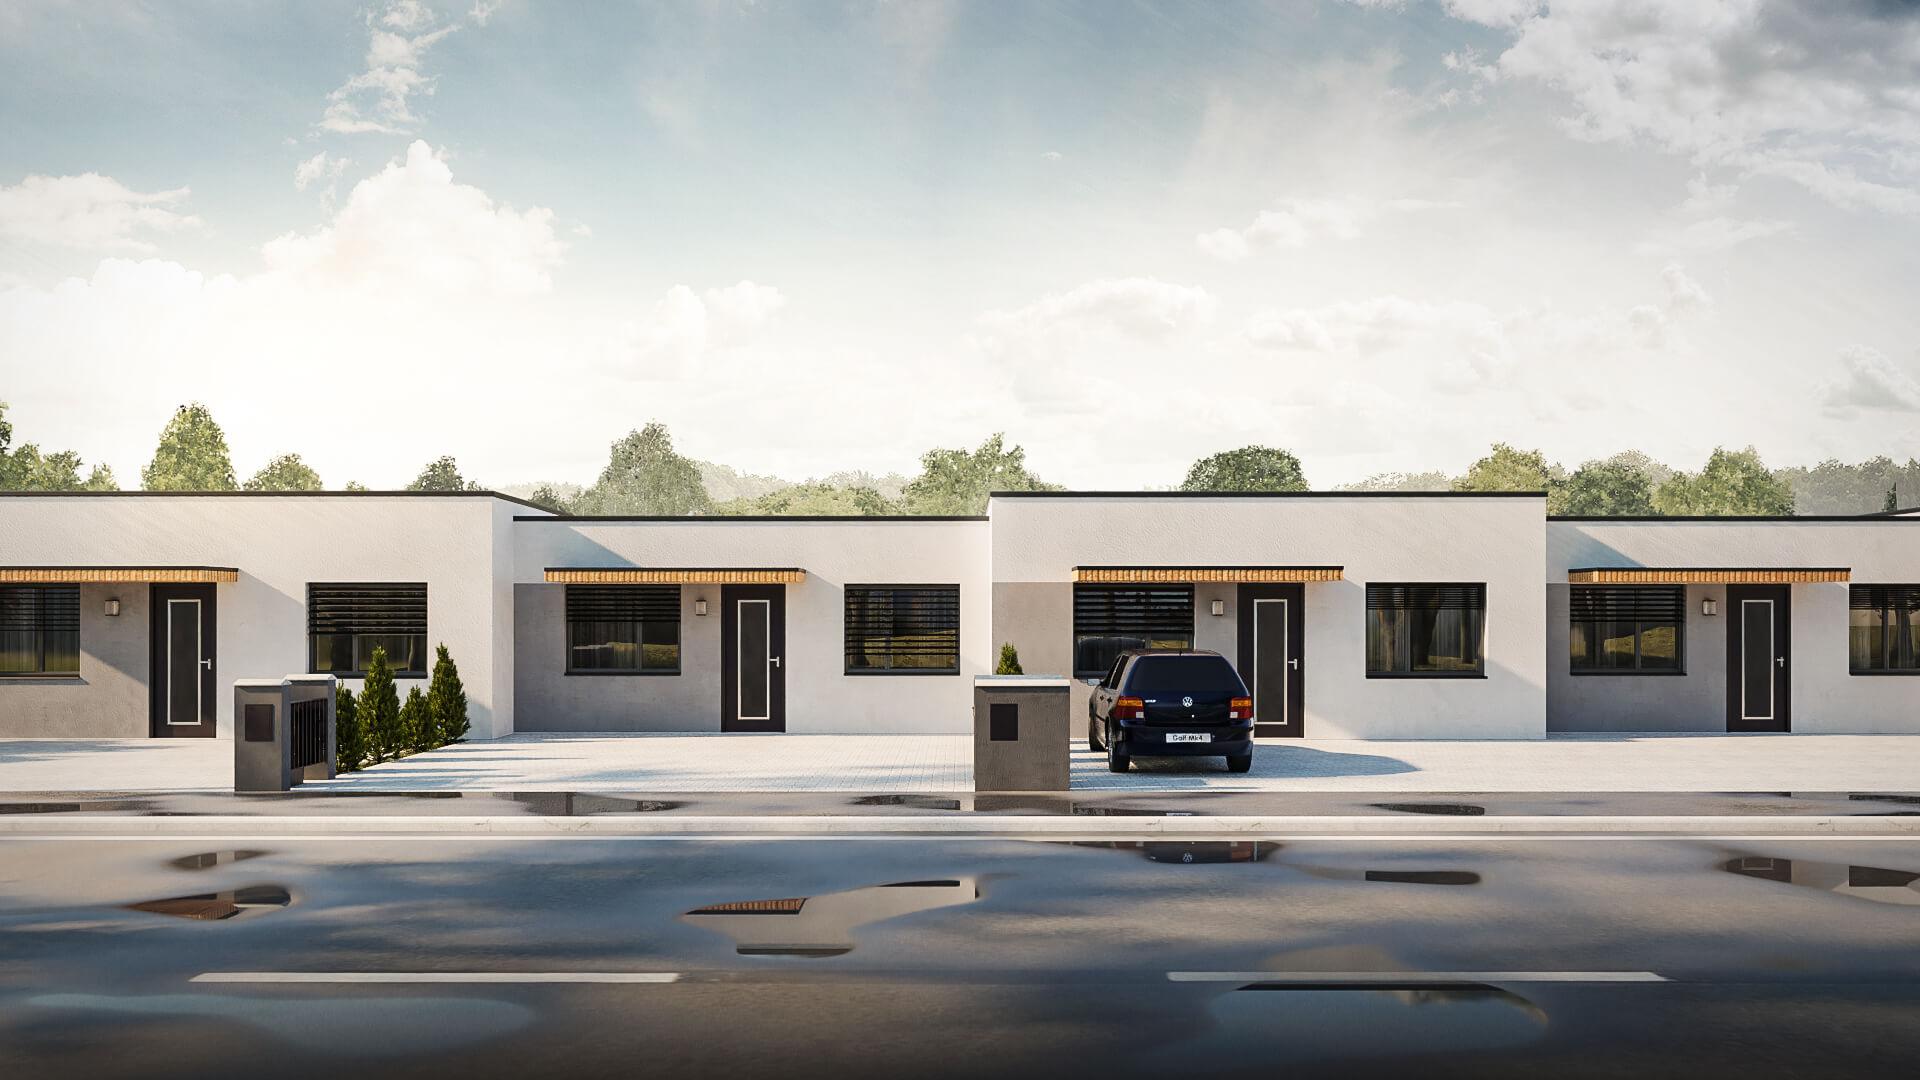 Predané: Novostavba bungalov radovka, 4 izbový, pozemok 300m2, užitkova 75m2-0